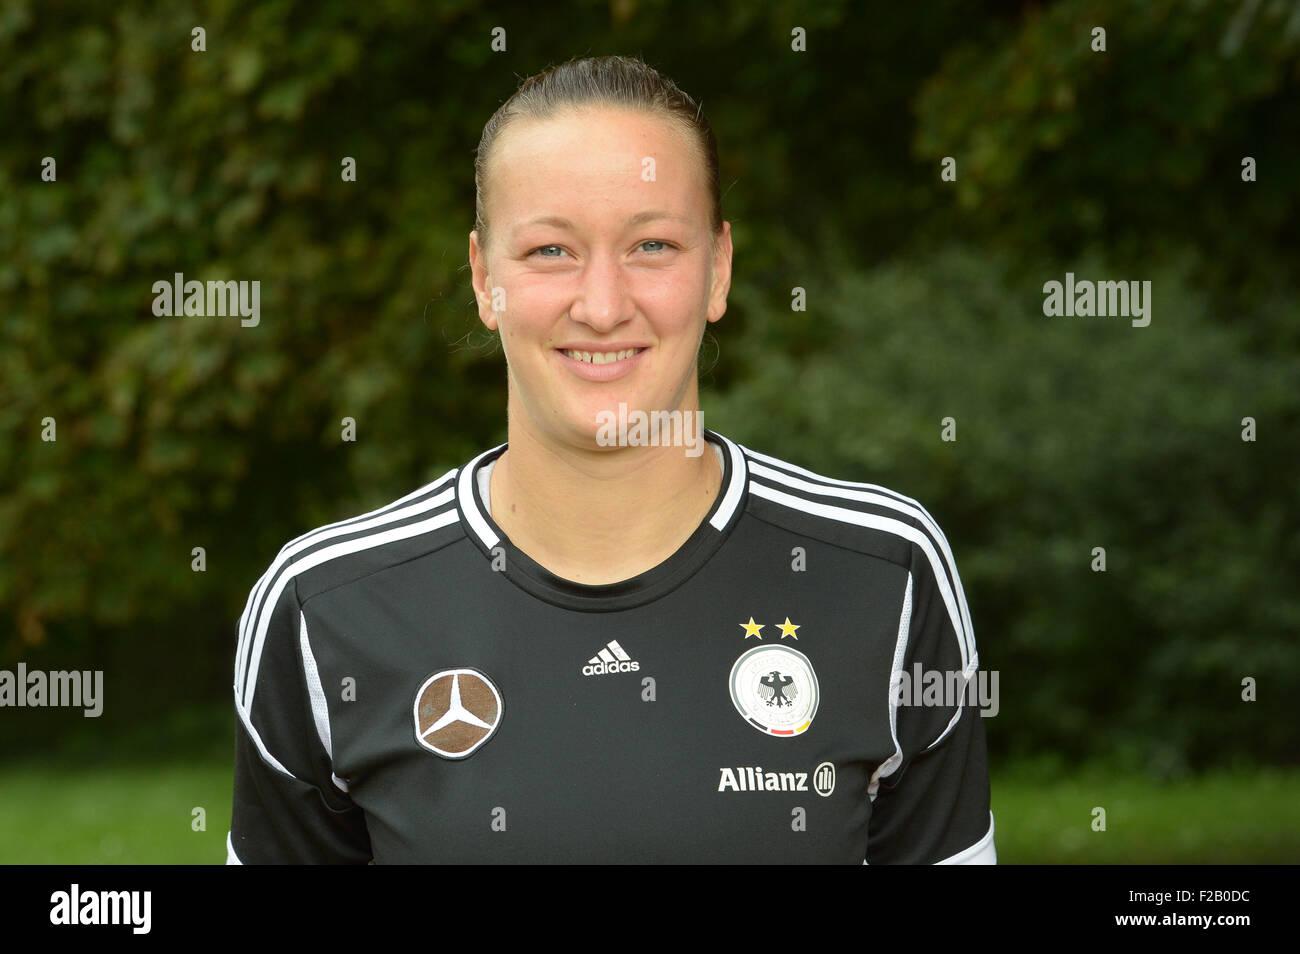 Der Neue Erste Torhuter Der Dfb Deutsche Frauen Fussball